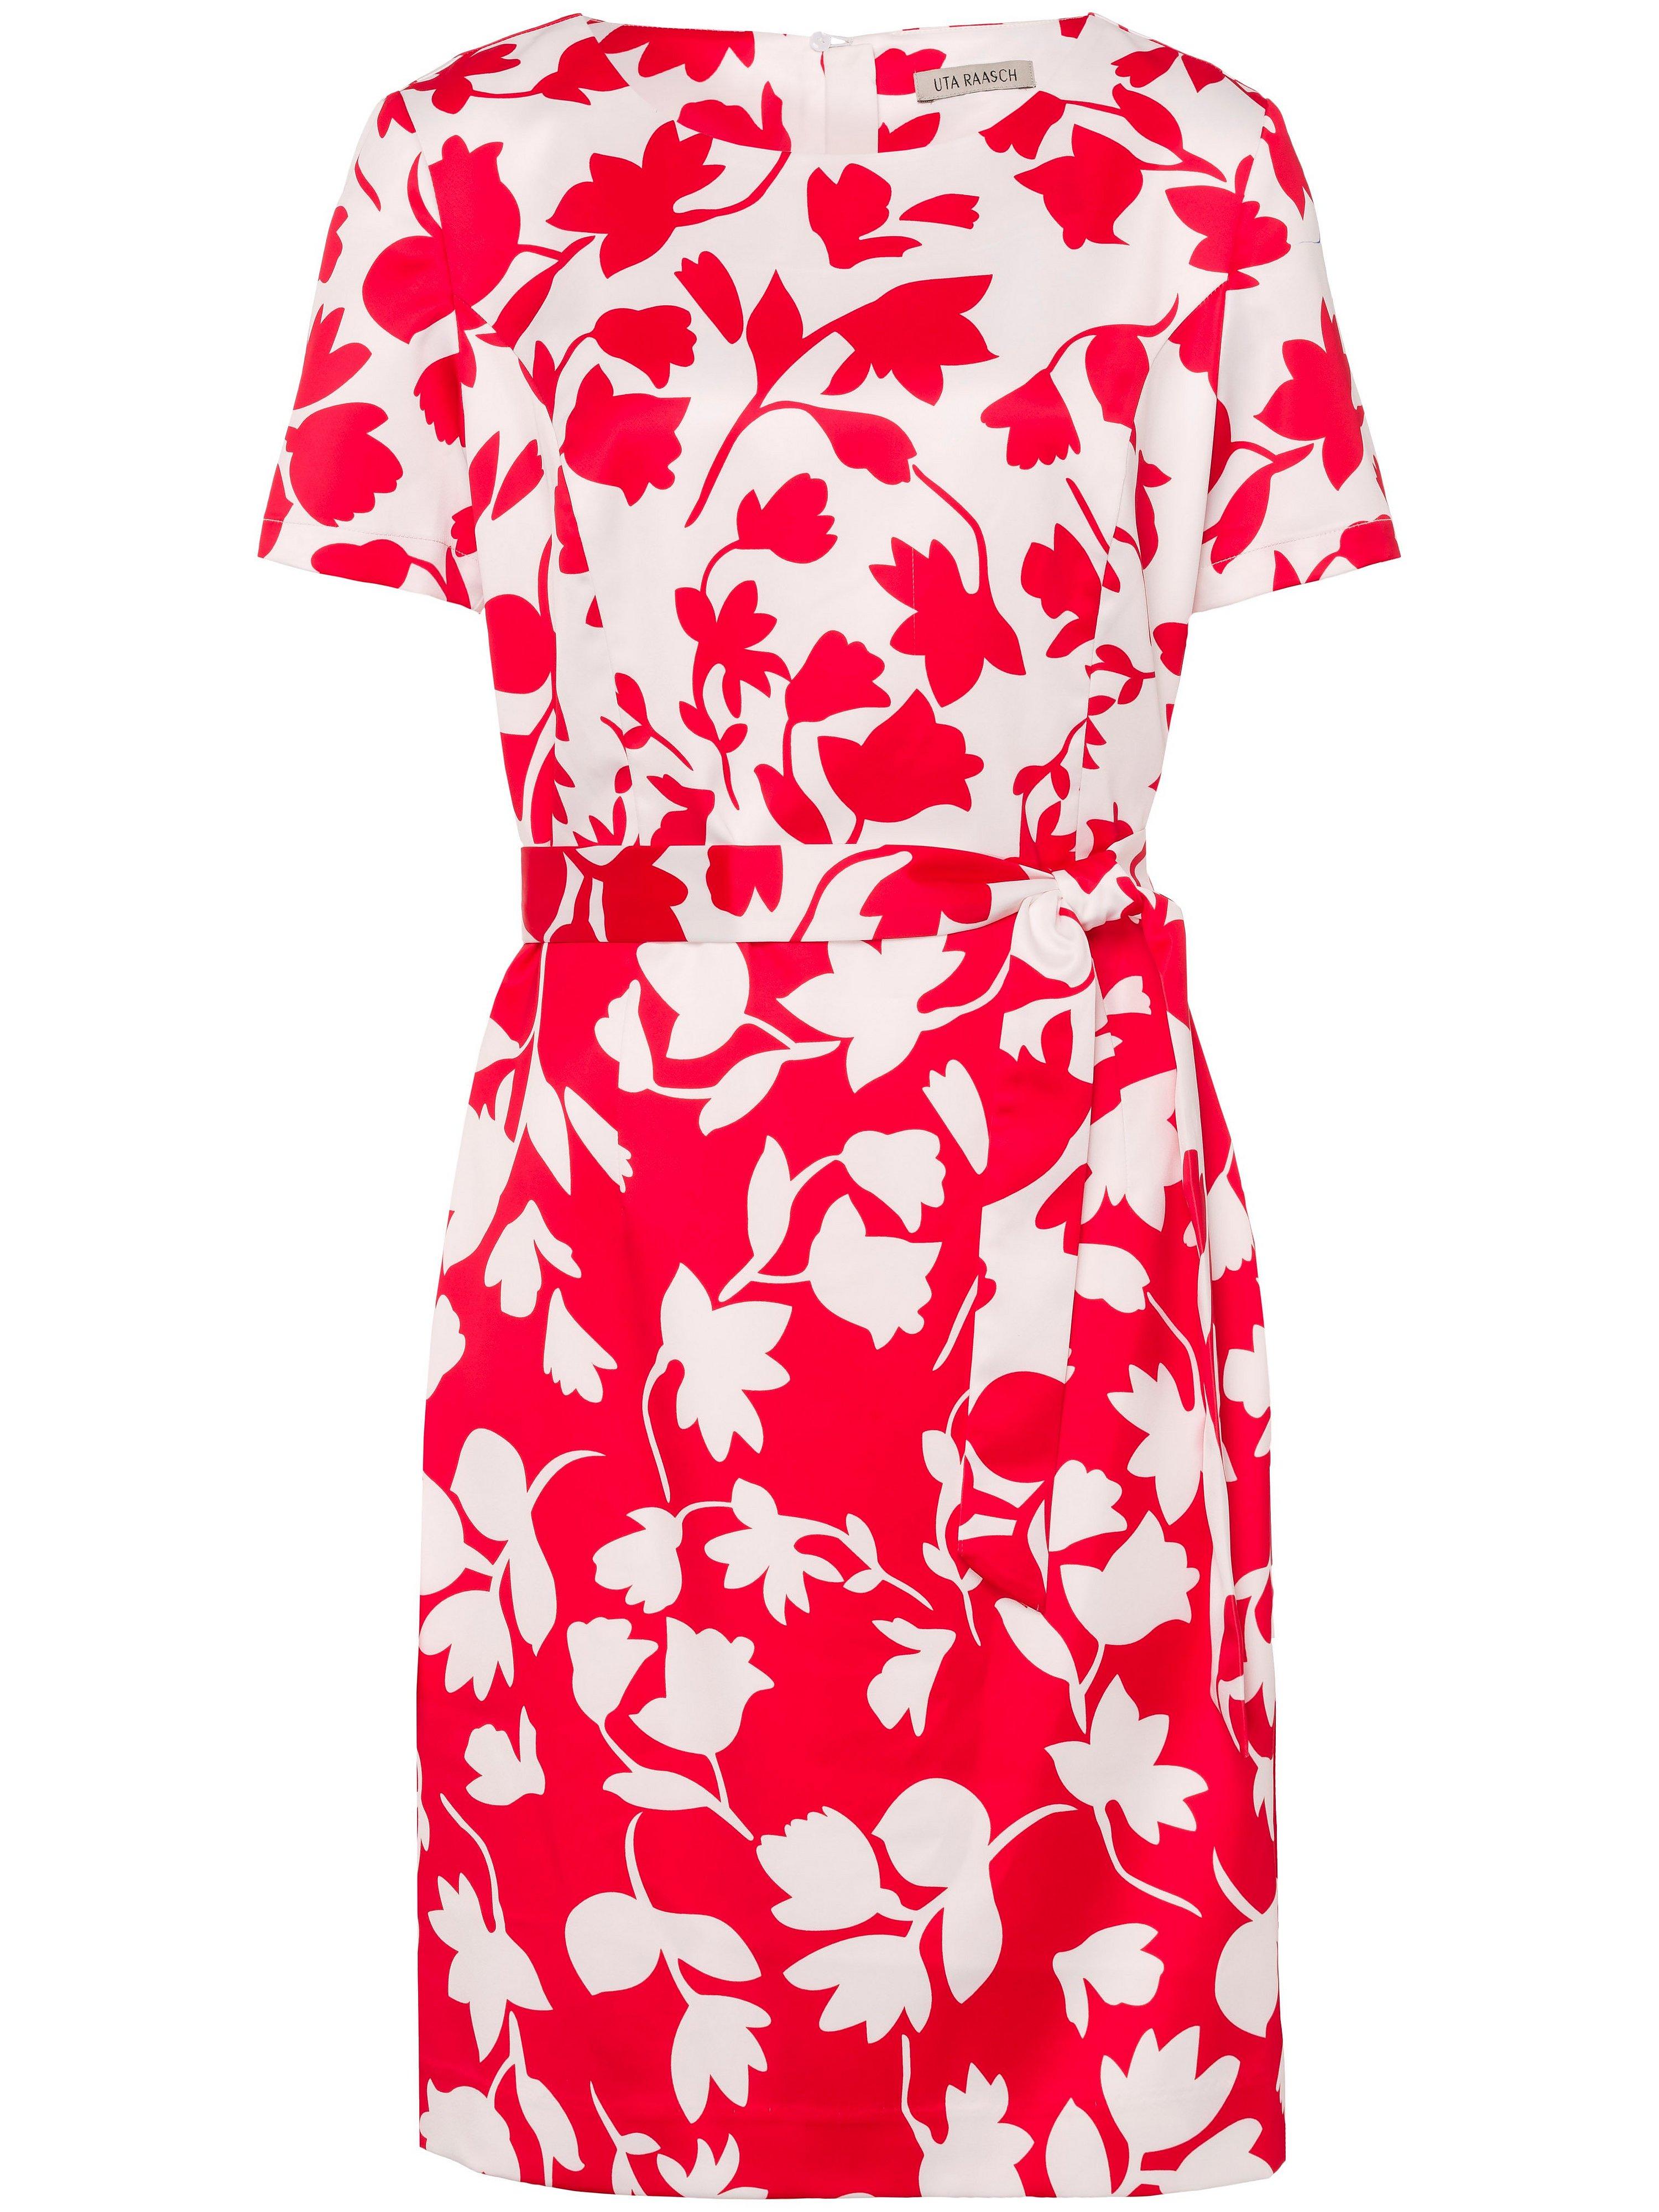 Summer dress short sleeves Uta Raasch red